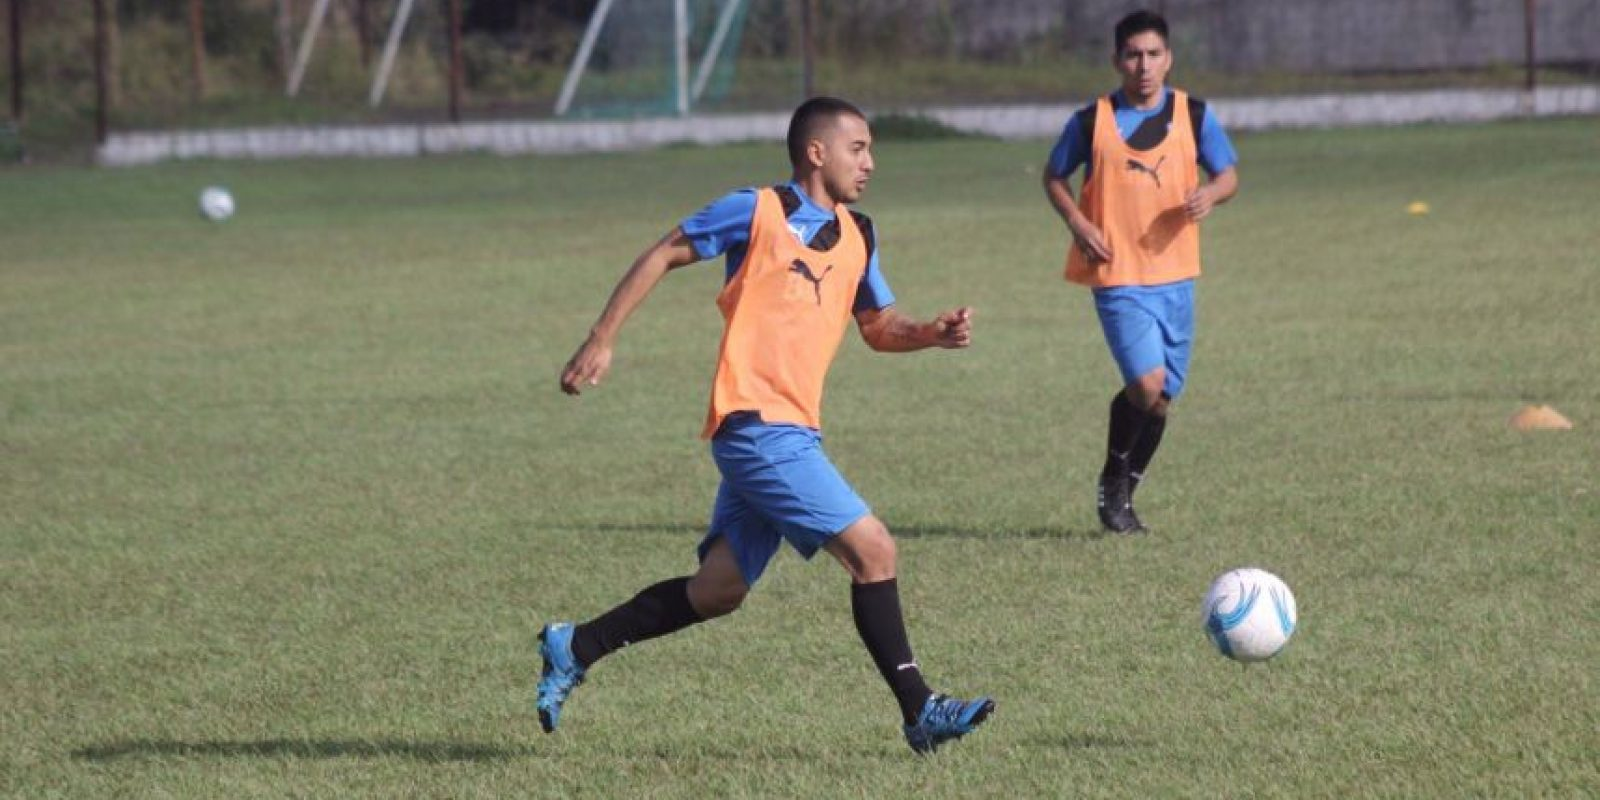 Pablo Silva, Federico Gallego y Kendell Herrarte practicaron al lado de sus compañeros este jueves en un complejo que se ubica en Mixco. Foto:Comunicaciones FC